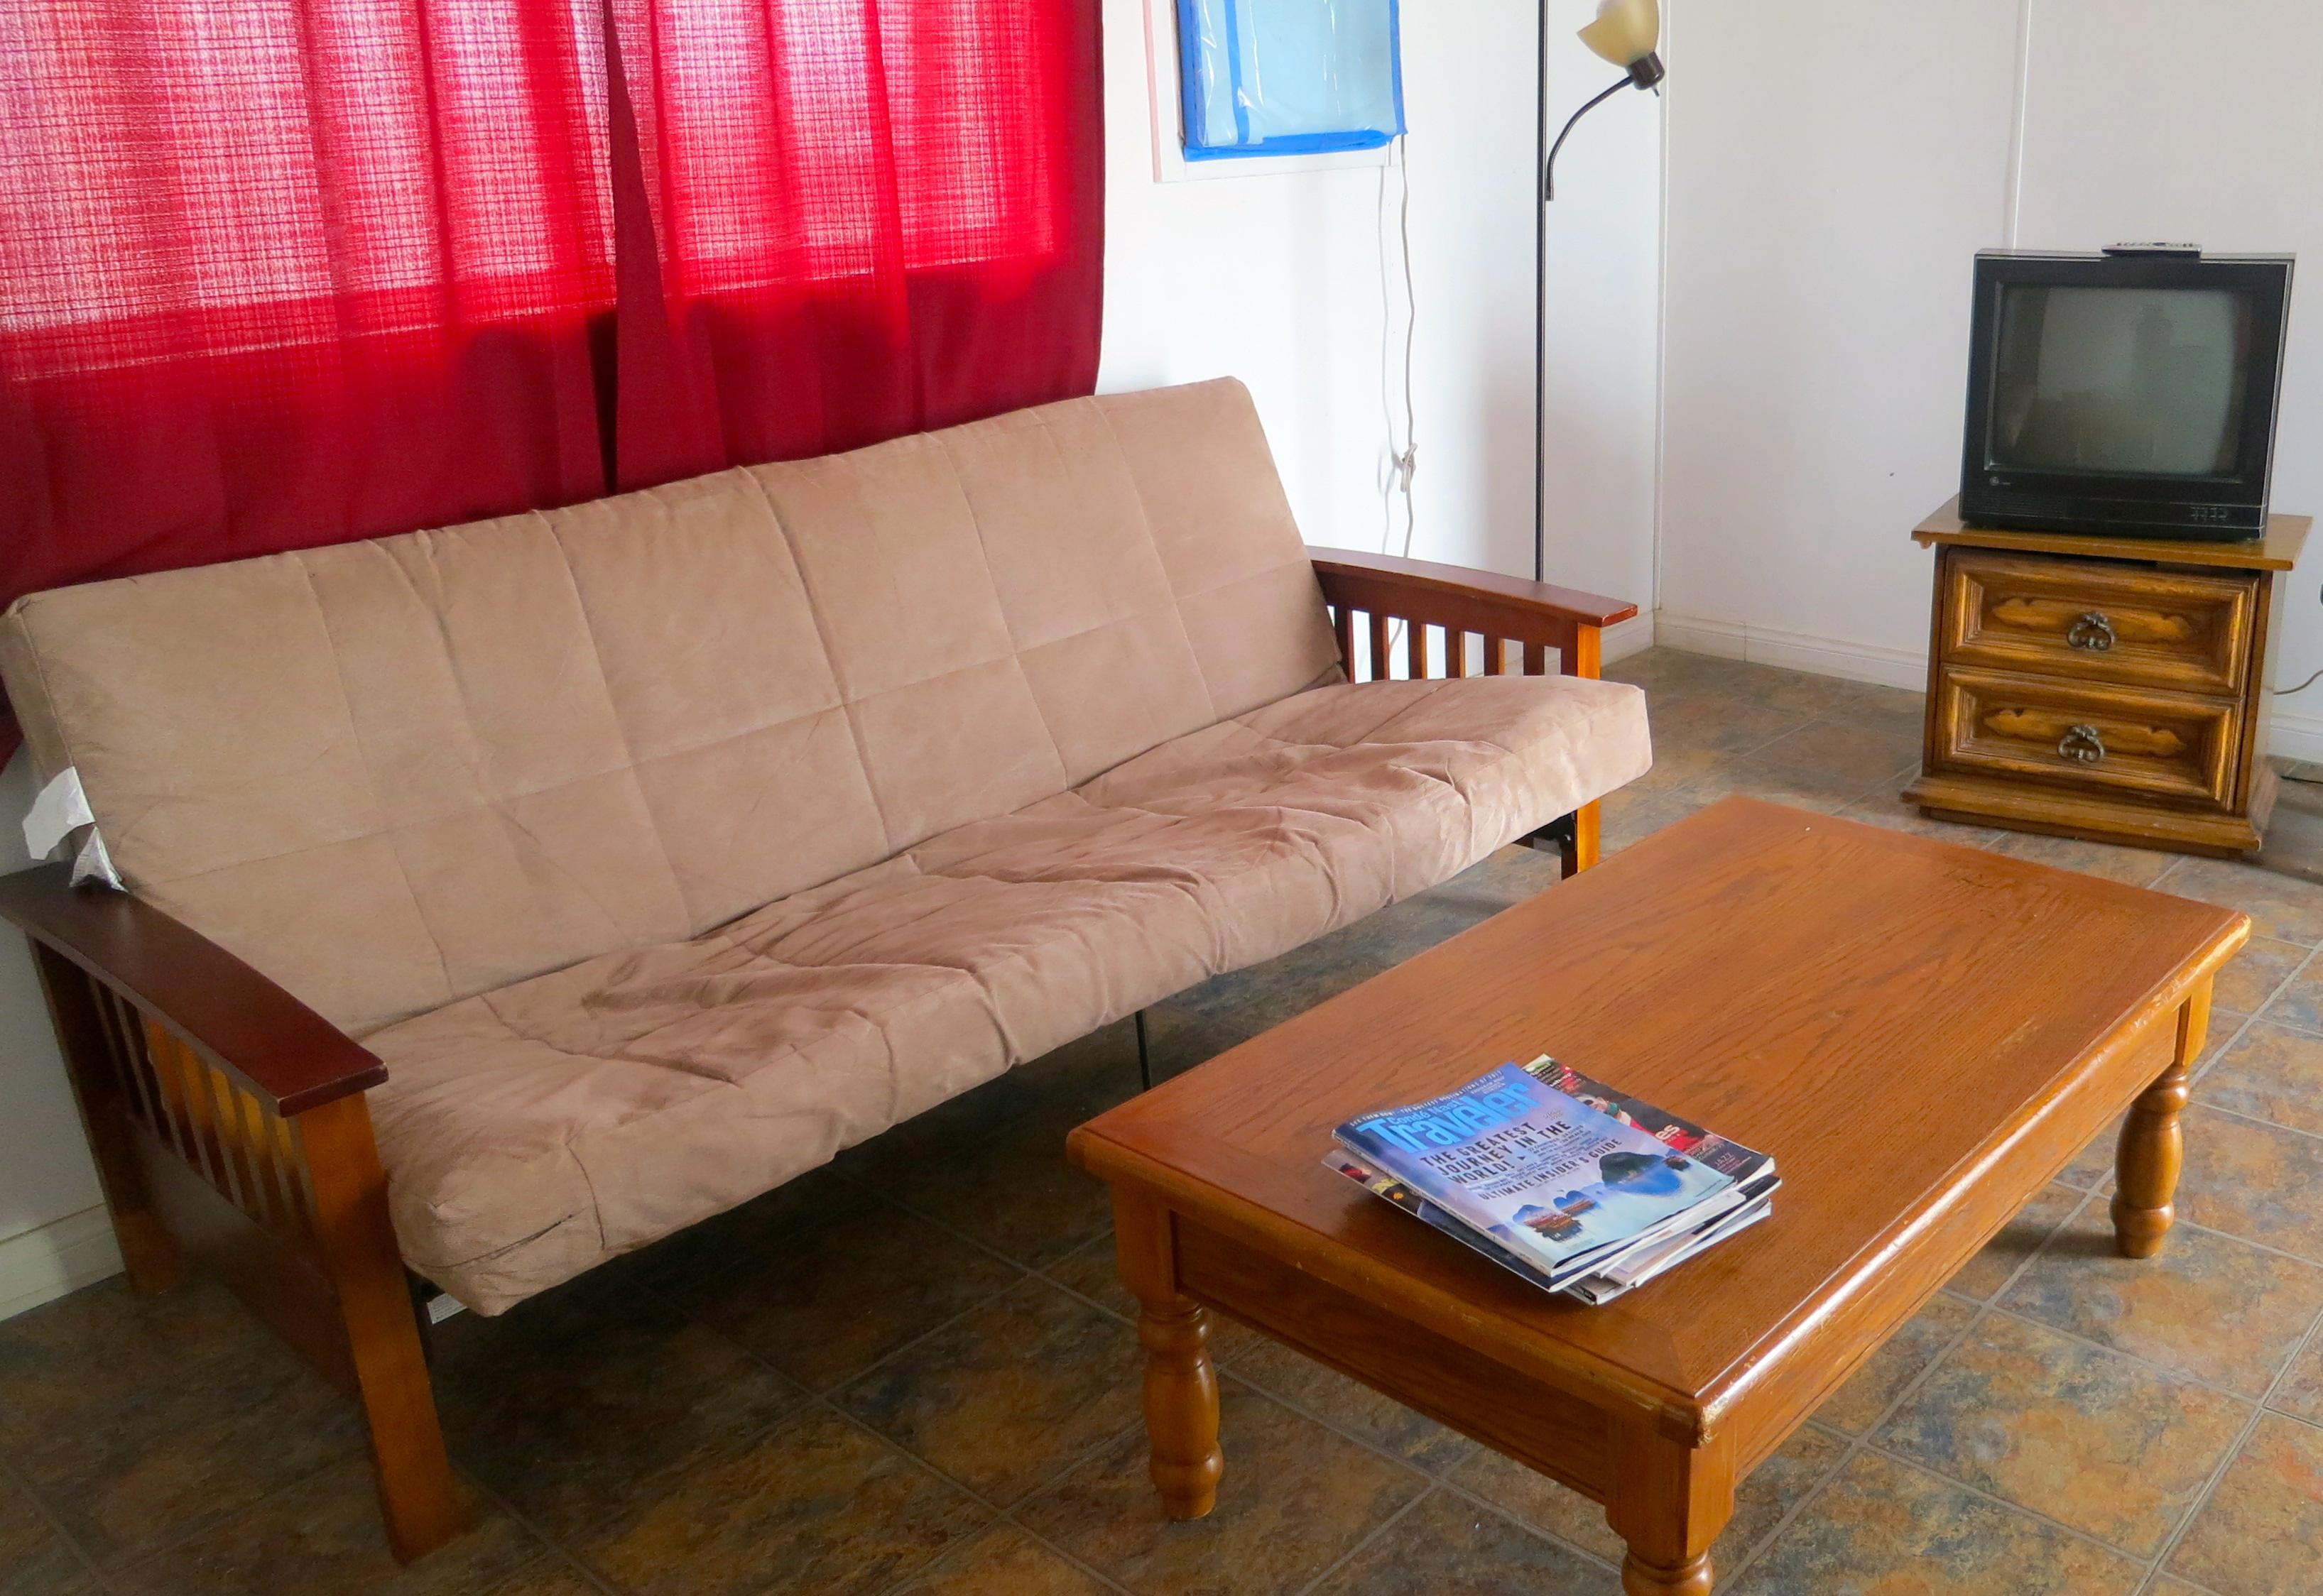 Motel room at Little A'le'Inn in Rachel, Nevada.